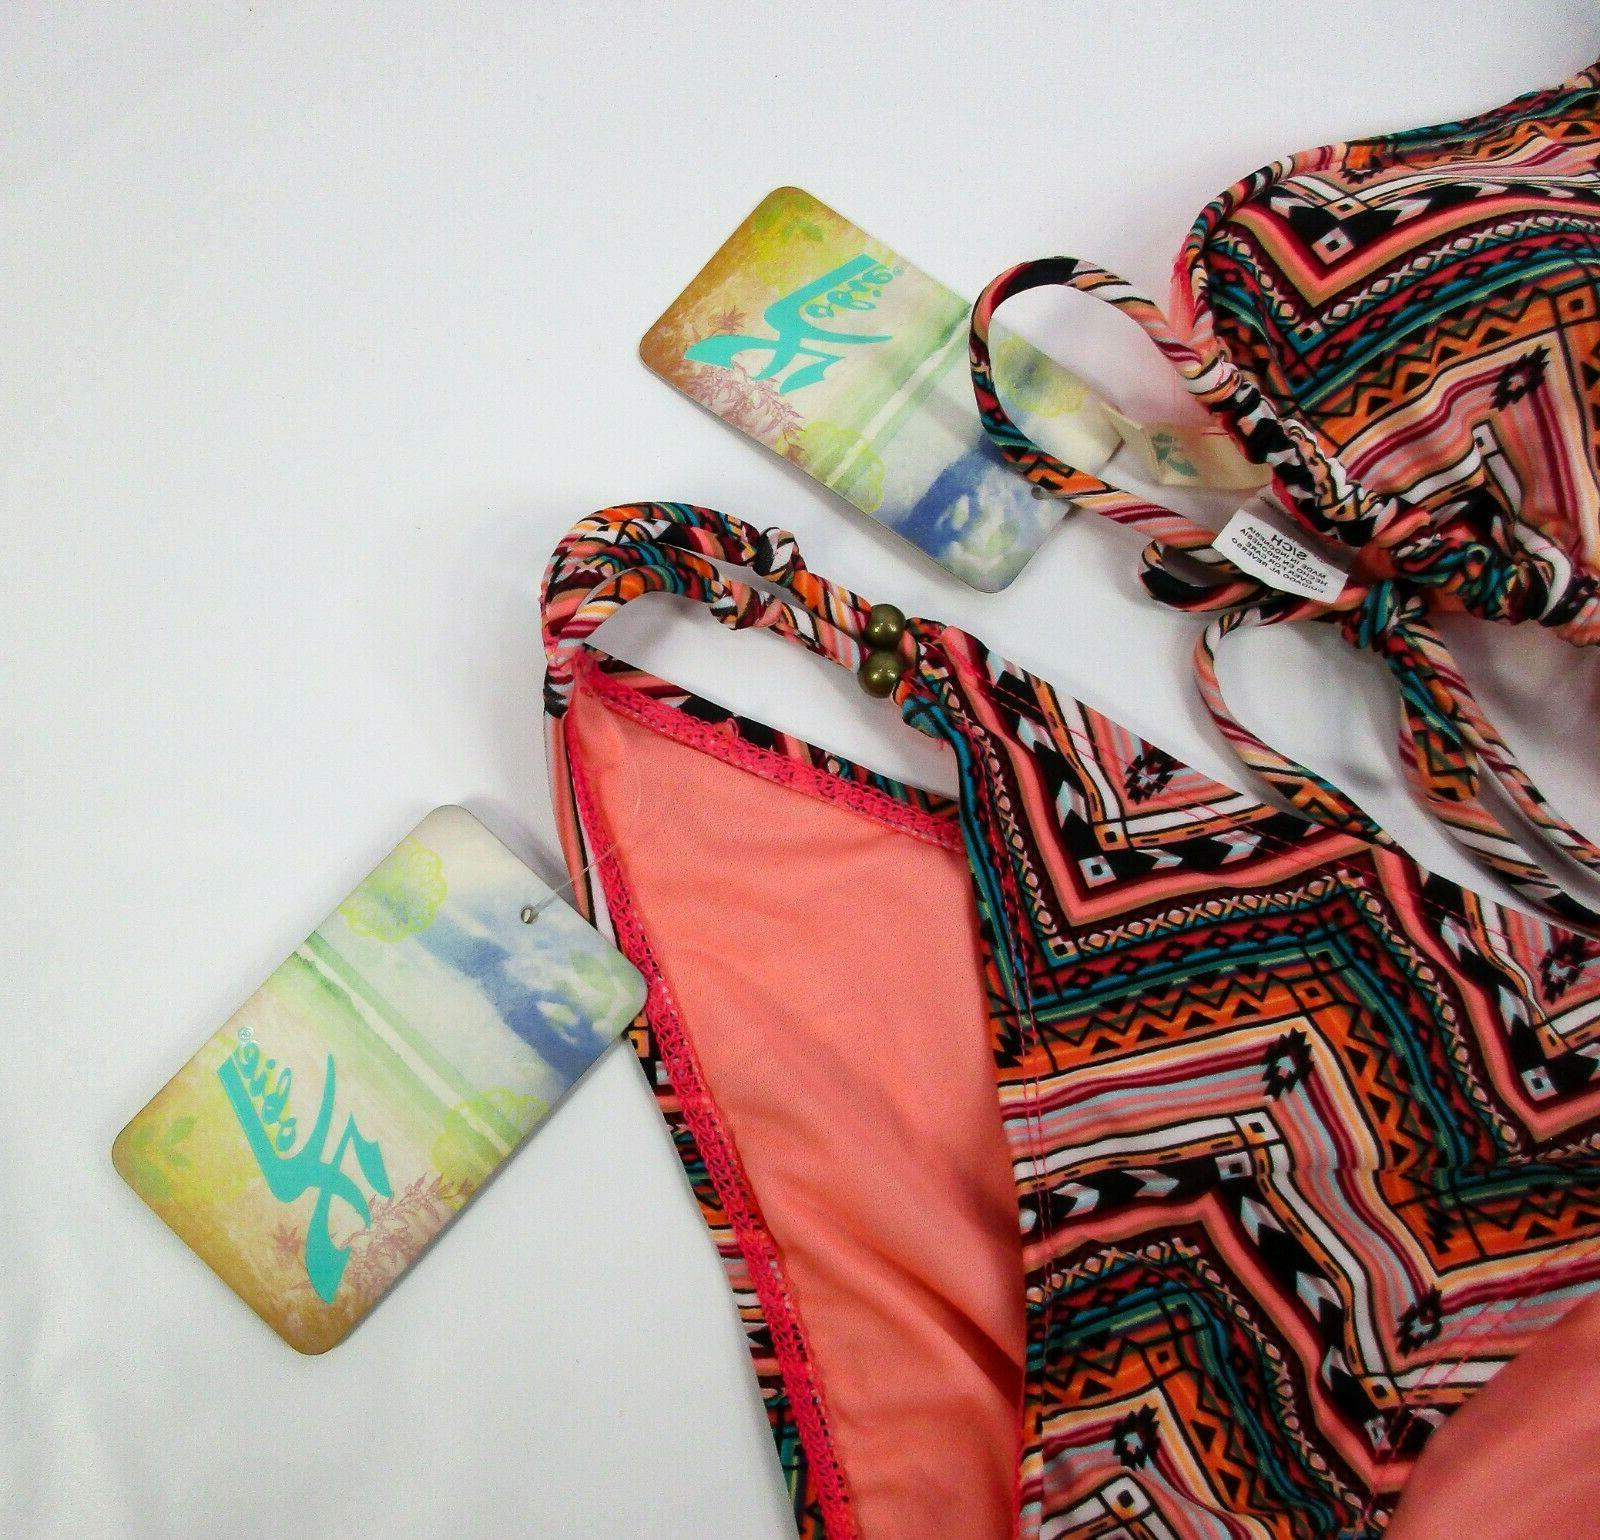 Hobie Bikini, Swimwear, Bathing Triangle Top